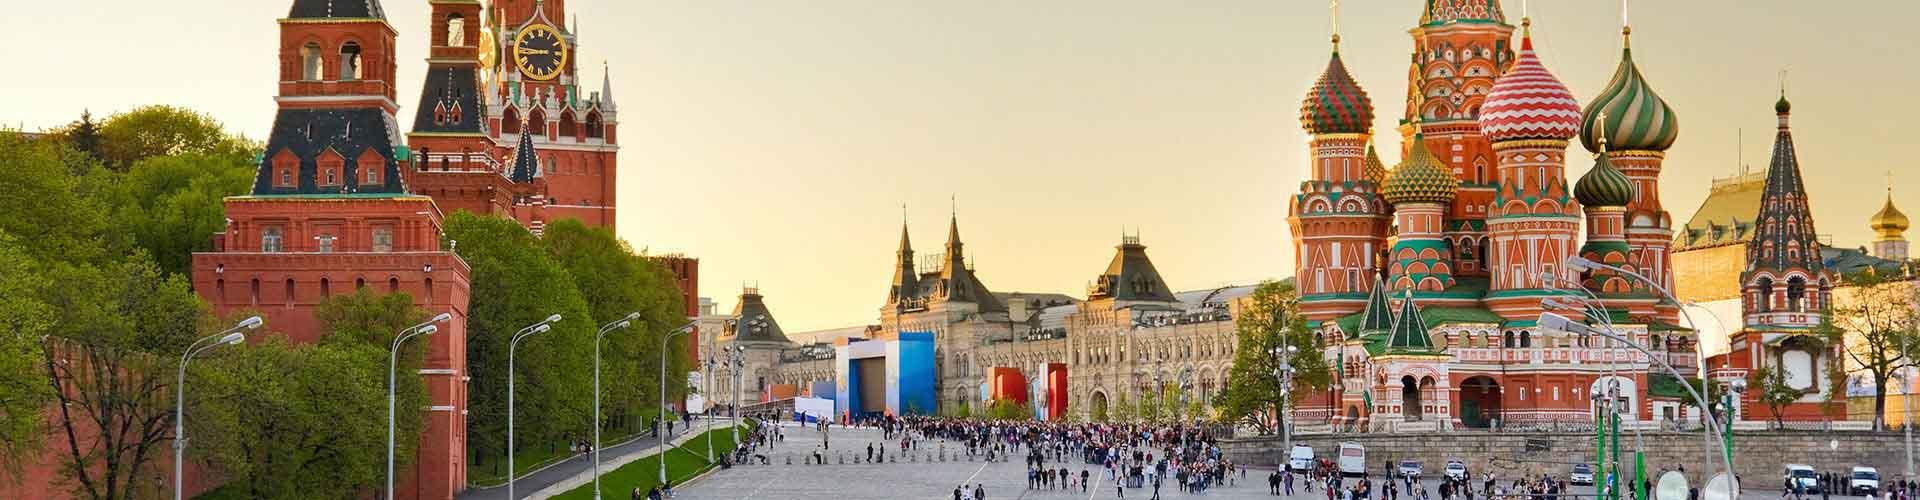 Moskau – Hostels in Moskau. Moskau auf der Karte. Fotos und Bewertungen für jedes Hostel in Moskau.